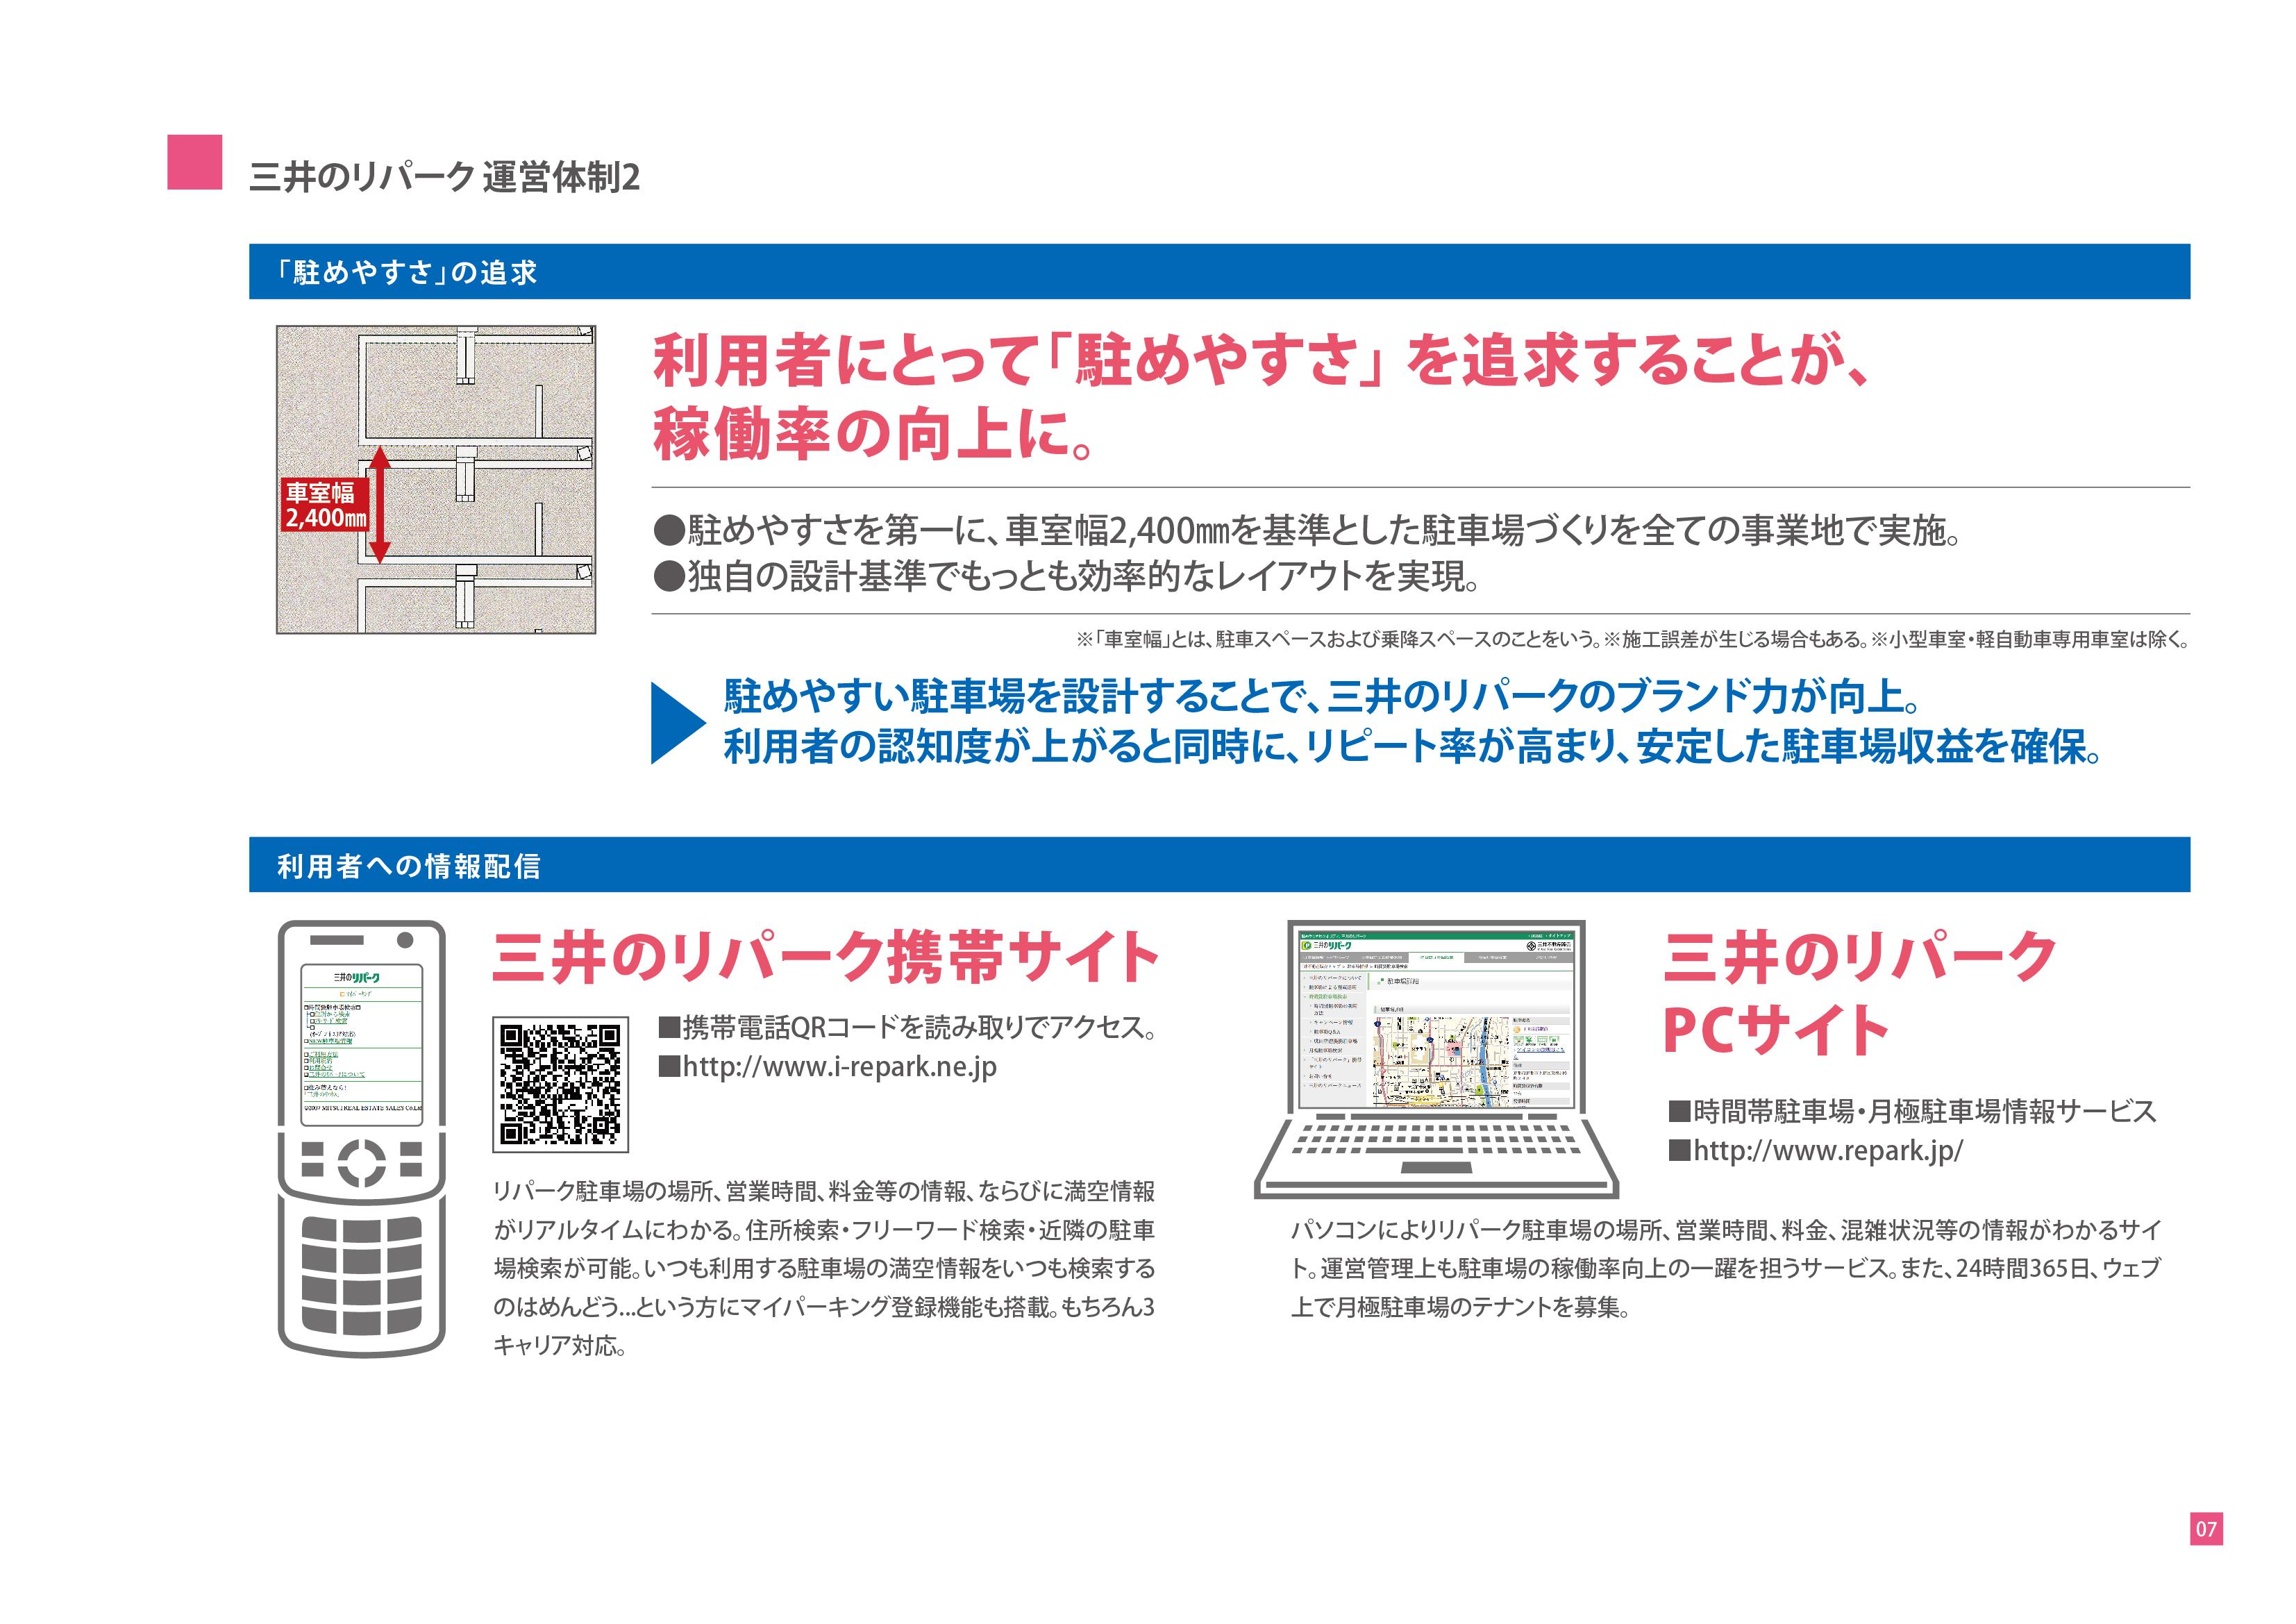 土地有効活用プロジェクト-駐車場経営のご提案-三井のリパーク 運営体制2